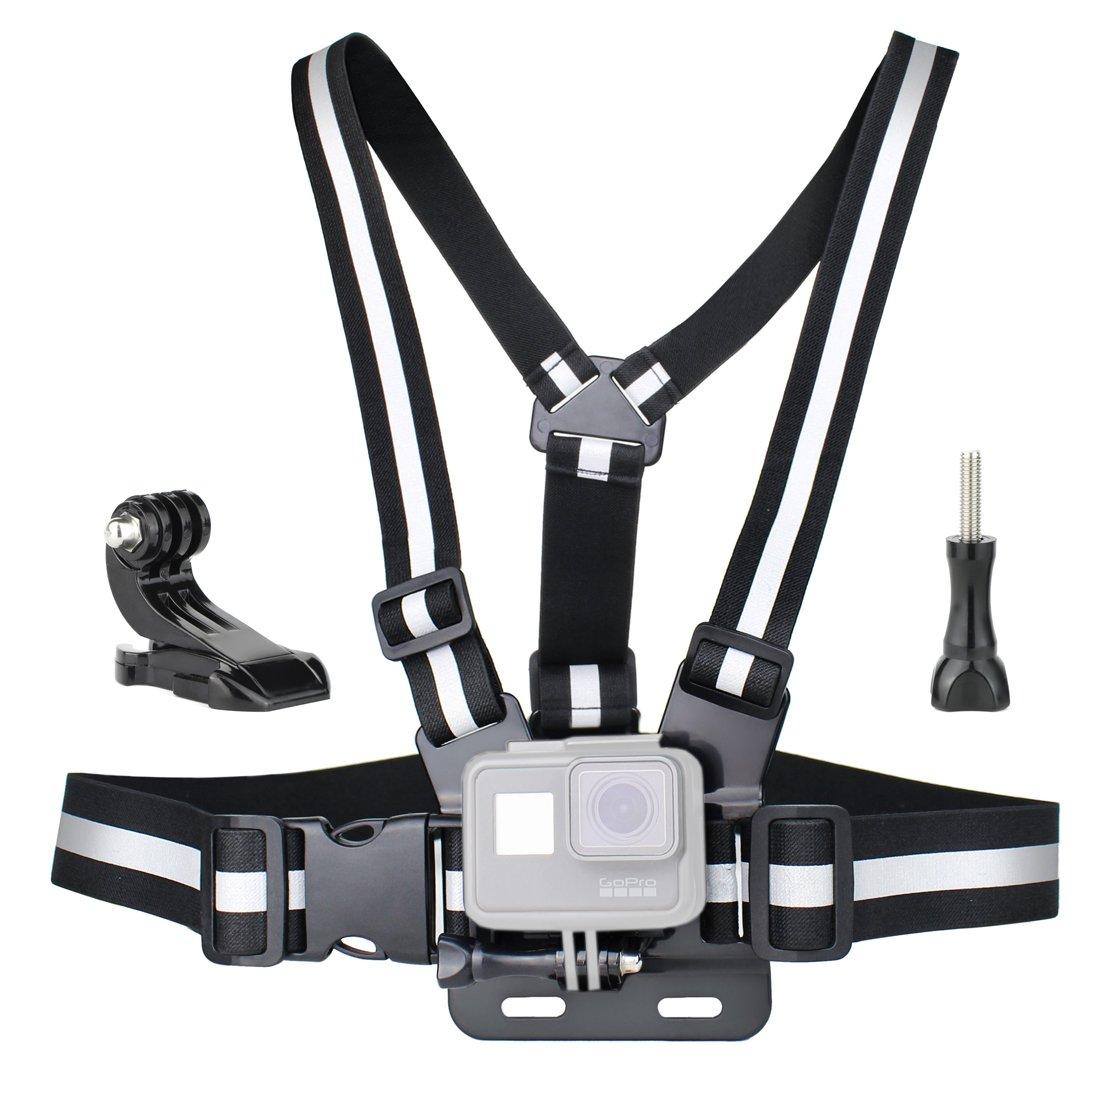 soonsunチェストマウントハーネスfor GoPro Hero 6、5、4、セッション、3 +、3、2、1カメラ – 完全に調整可能な胸ストラップベルト高反射ベスト、Includes Jフックバックルと親指ねじ   B077QLWLM1